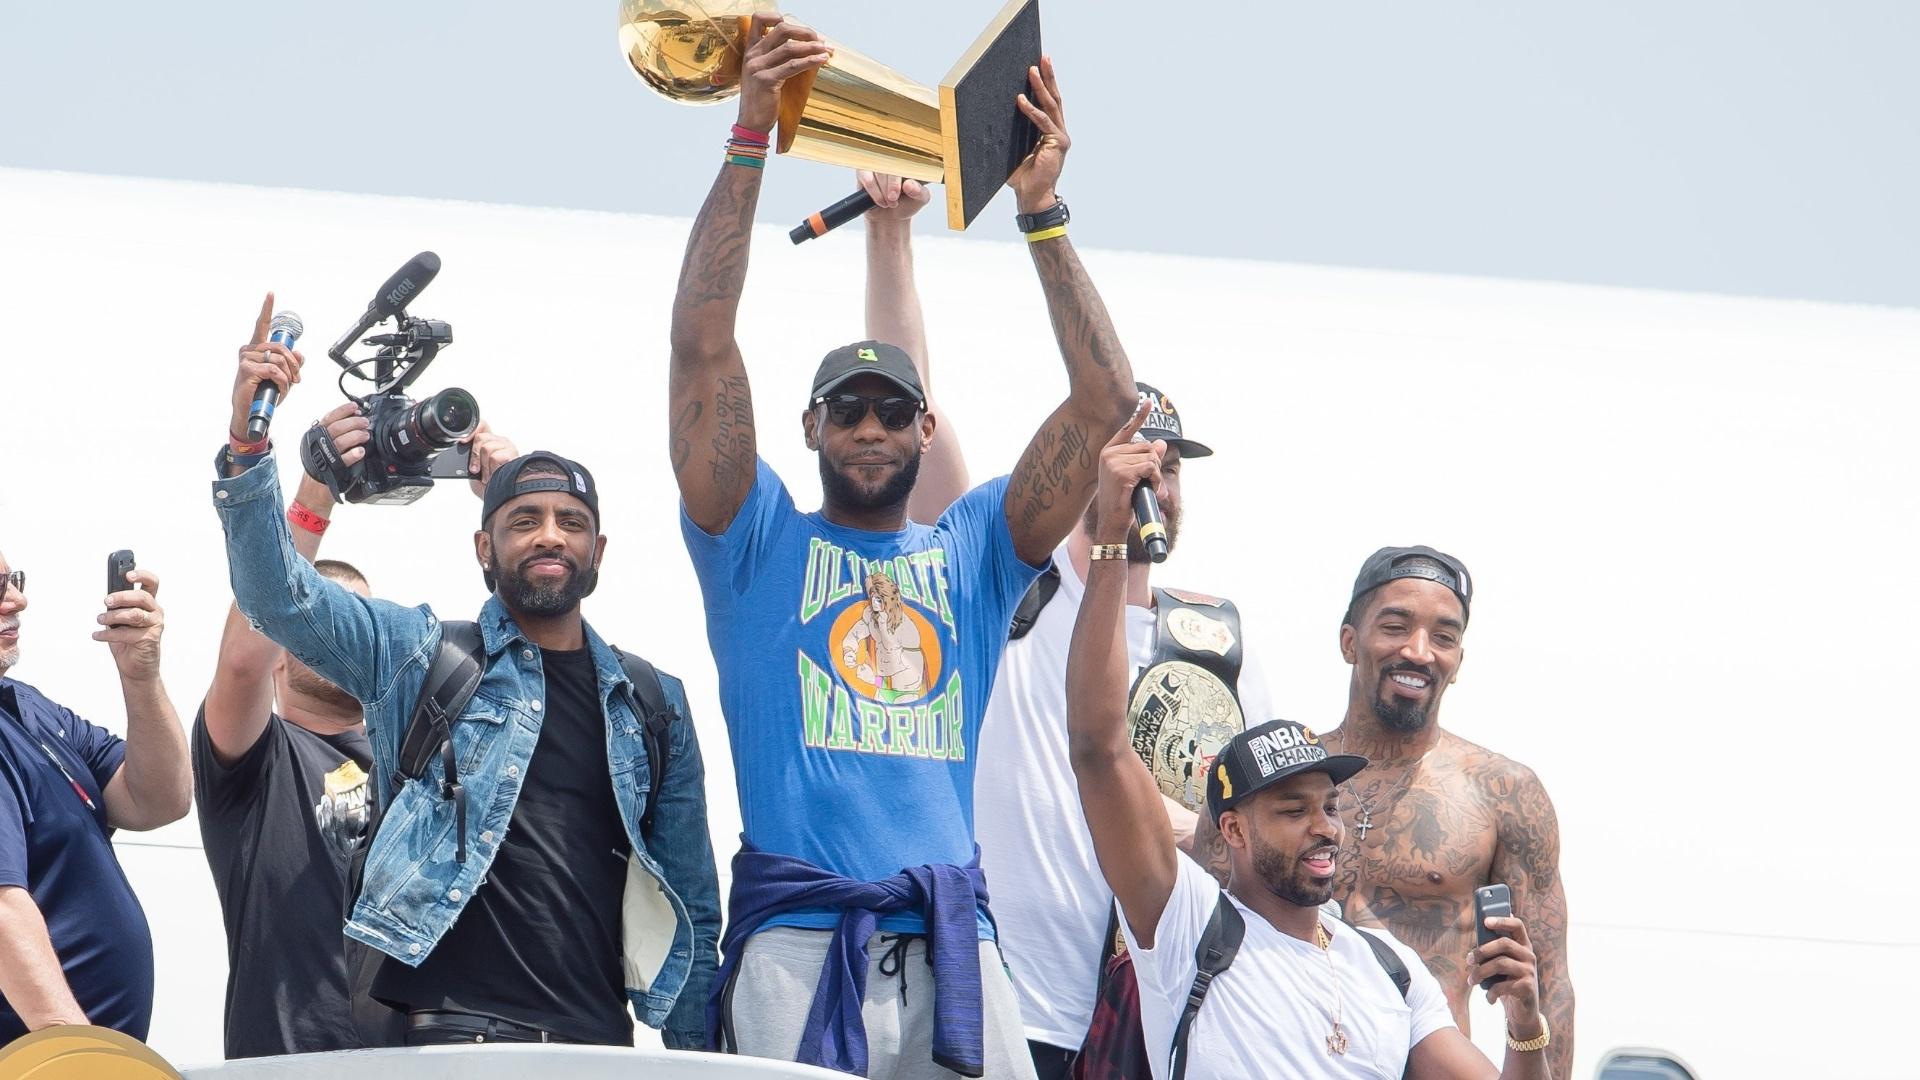 Cavaliers chegam a Cleveland após conquista do título da NBA sobre o Golden State Wariors